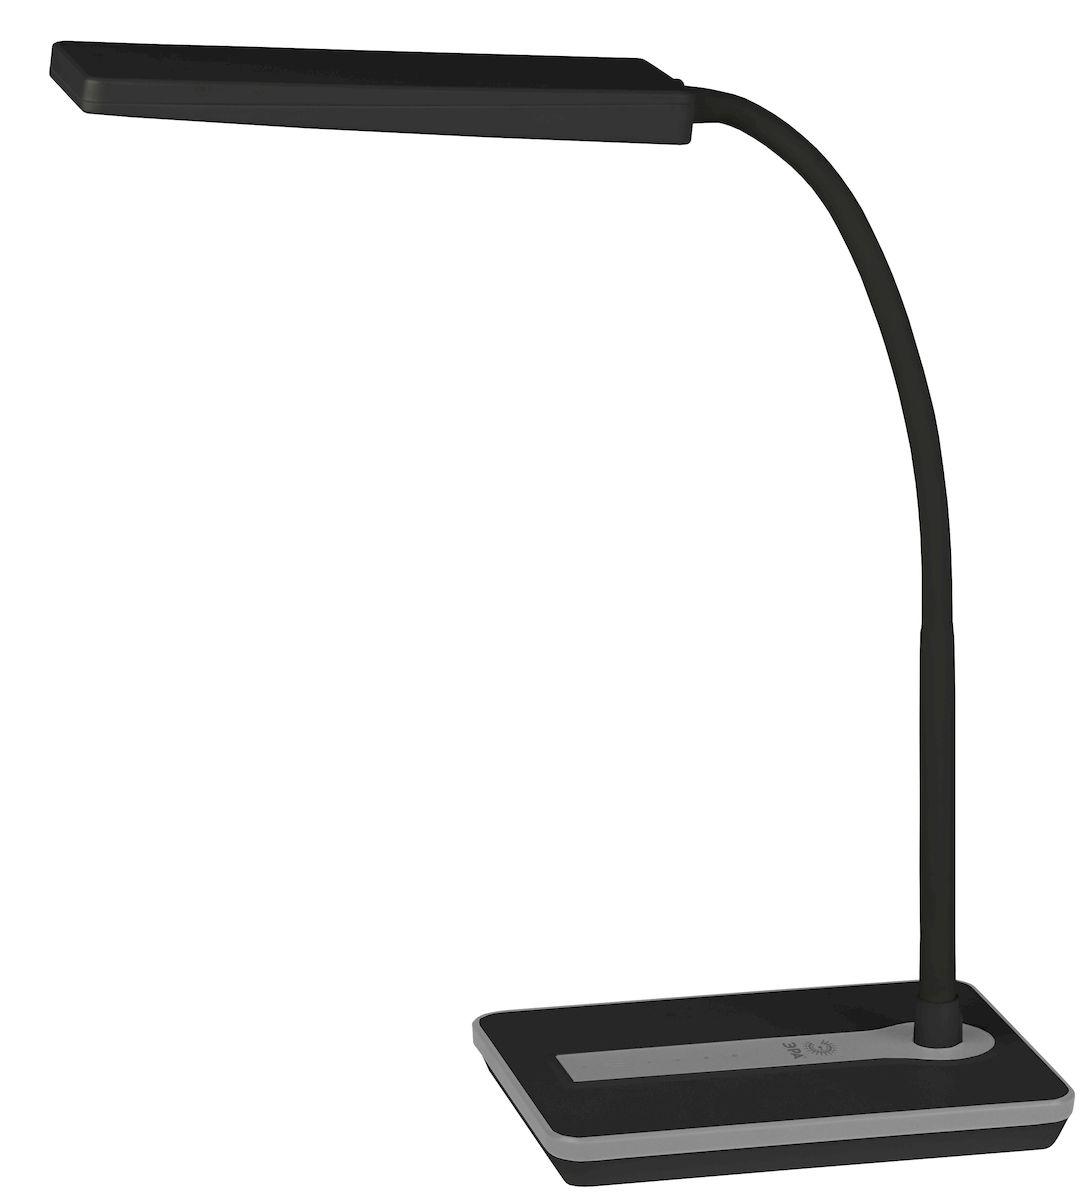 Настольный светильник ЭРА NLED-446-9W-BK, цвет: черныйNLED-446-9W-BKСветильник со светодиодами (LED) в качестве источников света, которые экономят до 90% электроэнергии и не требуют замены на протяжении всего срока службы светильника.Сенсорный переключатель на основании.Четырехступенчатый диммер для регулировки яркости.Высота плафона регулируется гибкой стойкой, направление света регулируется поворотом плафона в любом направлении.Теплый свет, аналогичный свету лампы накаливания - цветовая температура 3000К.